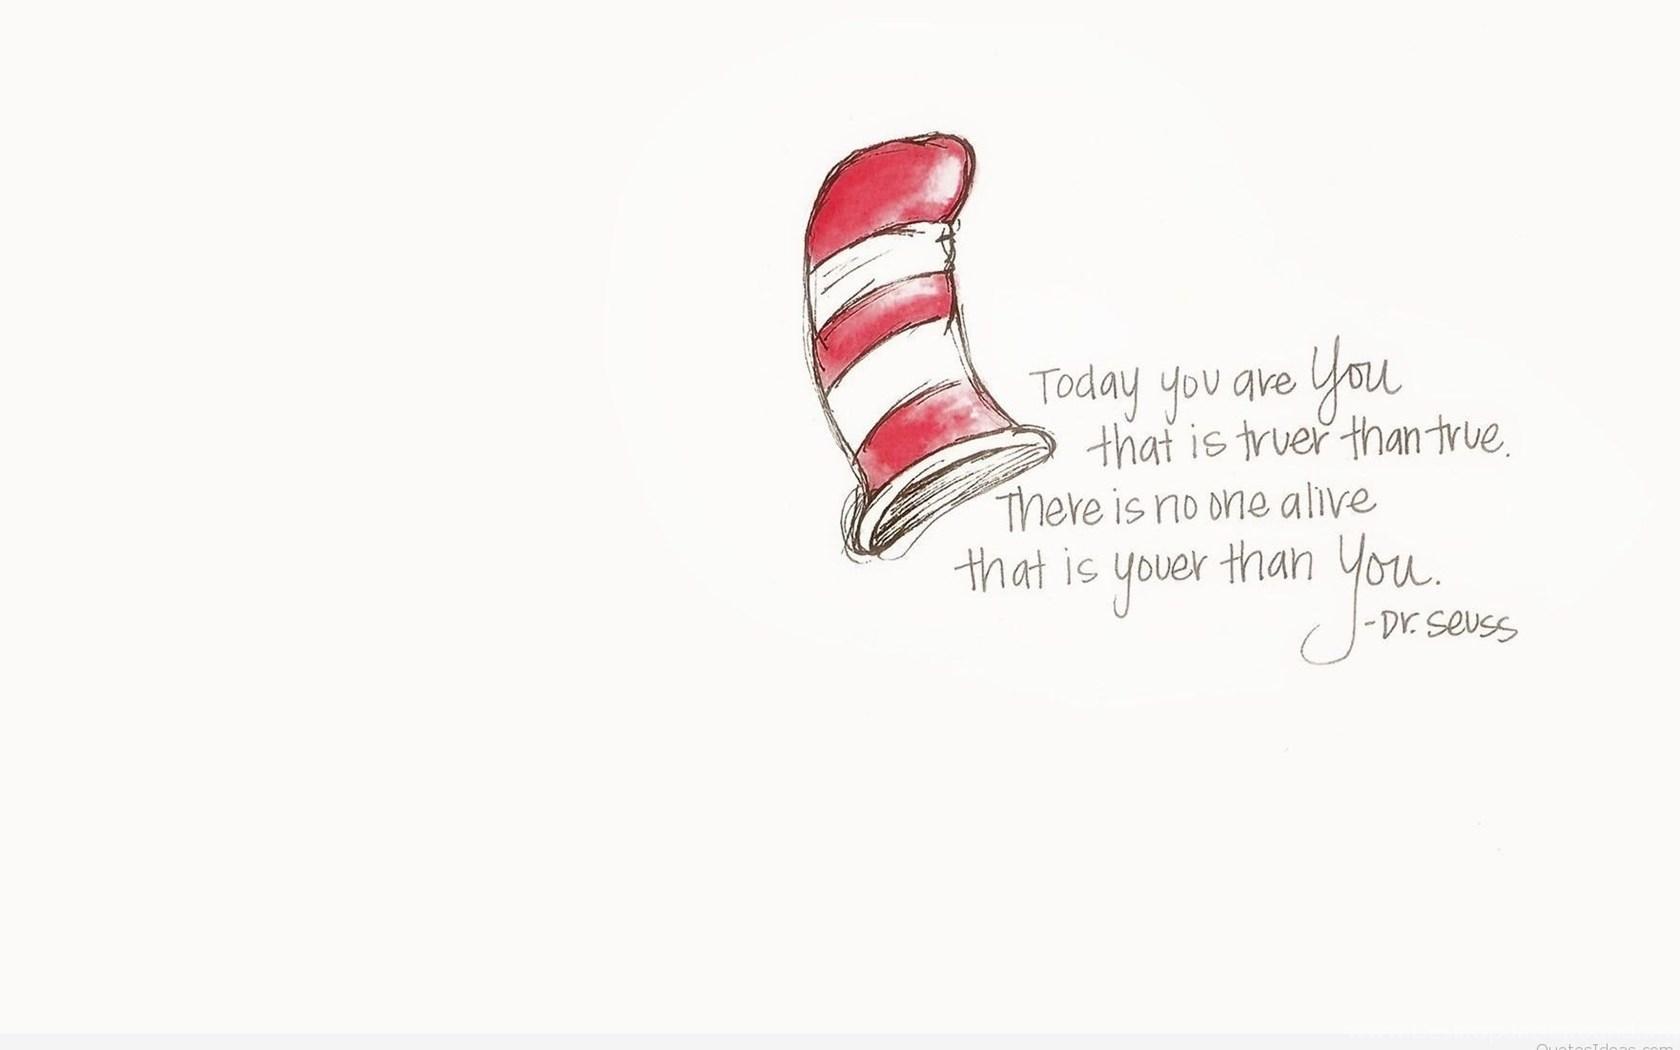 Quote Dr Seuss Desktop Background